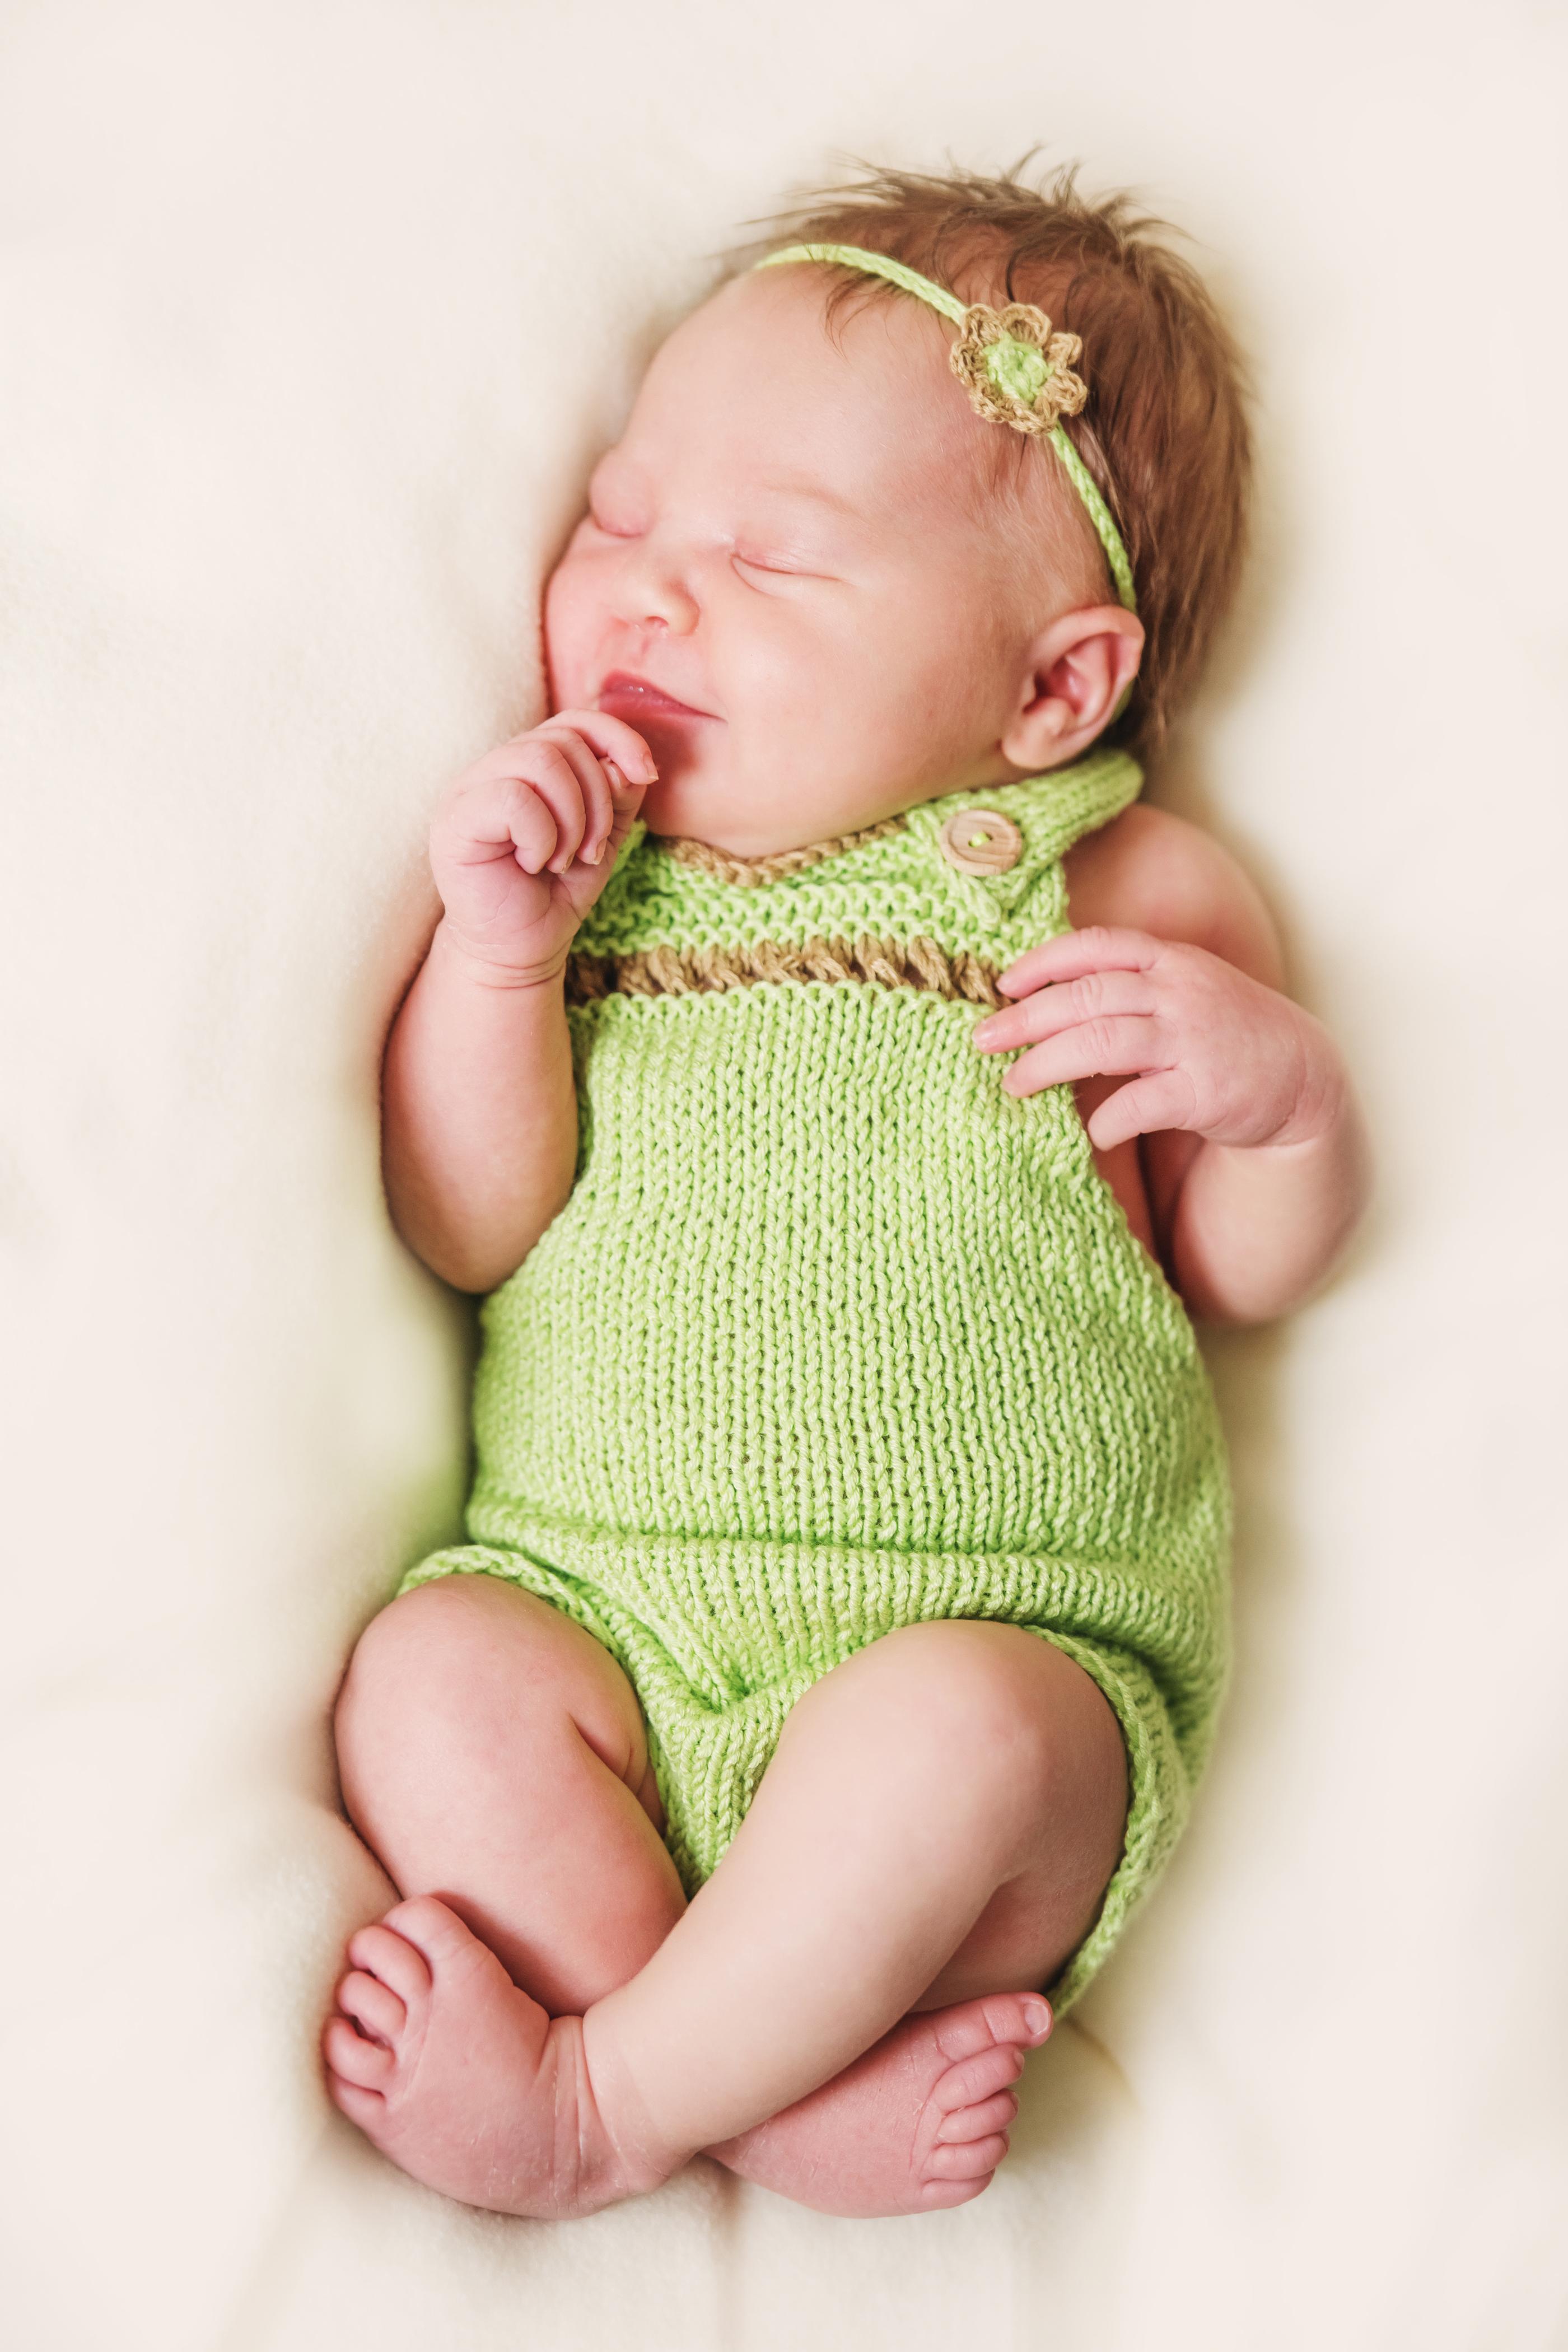 Фото новорожденных малышей как сделать